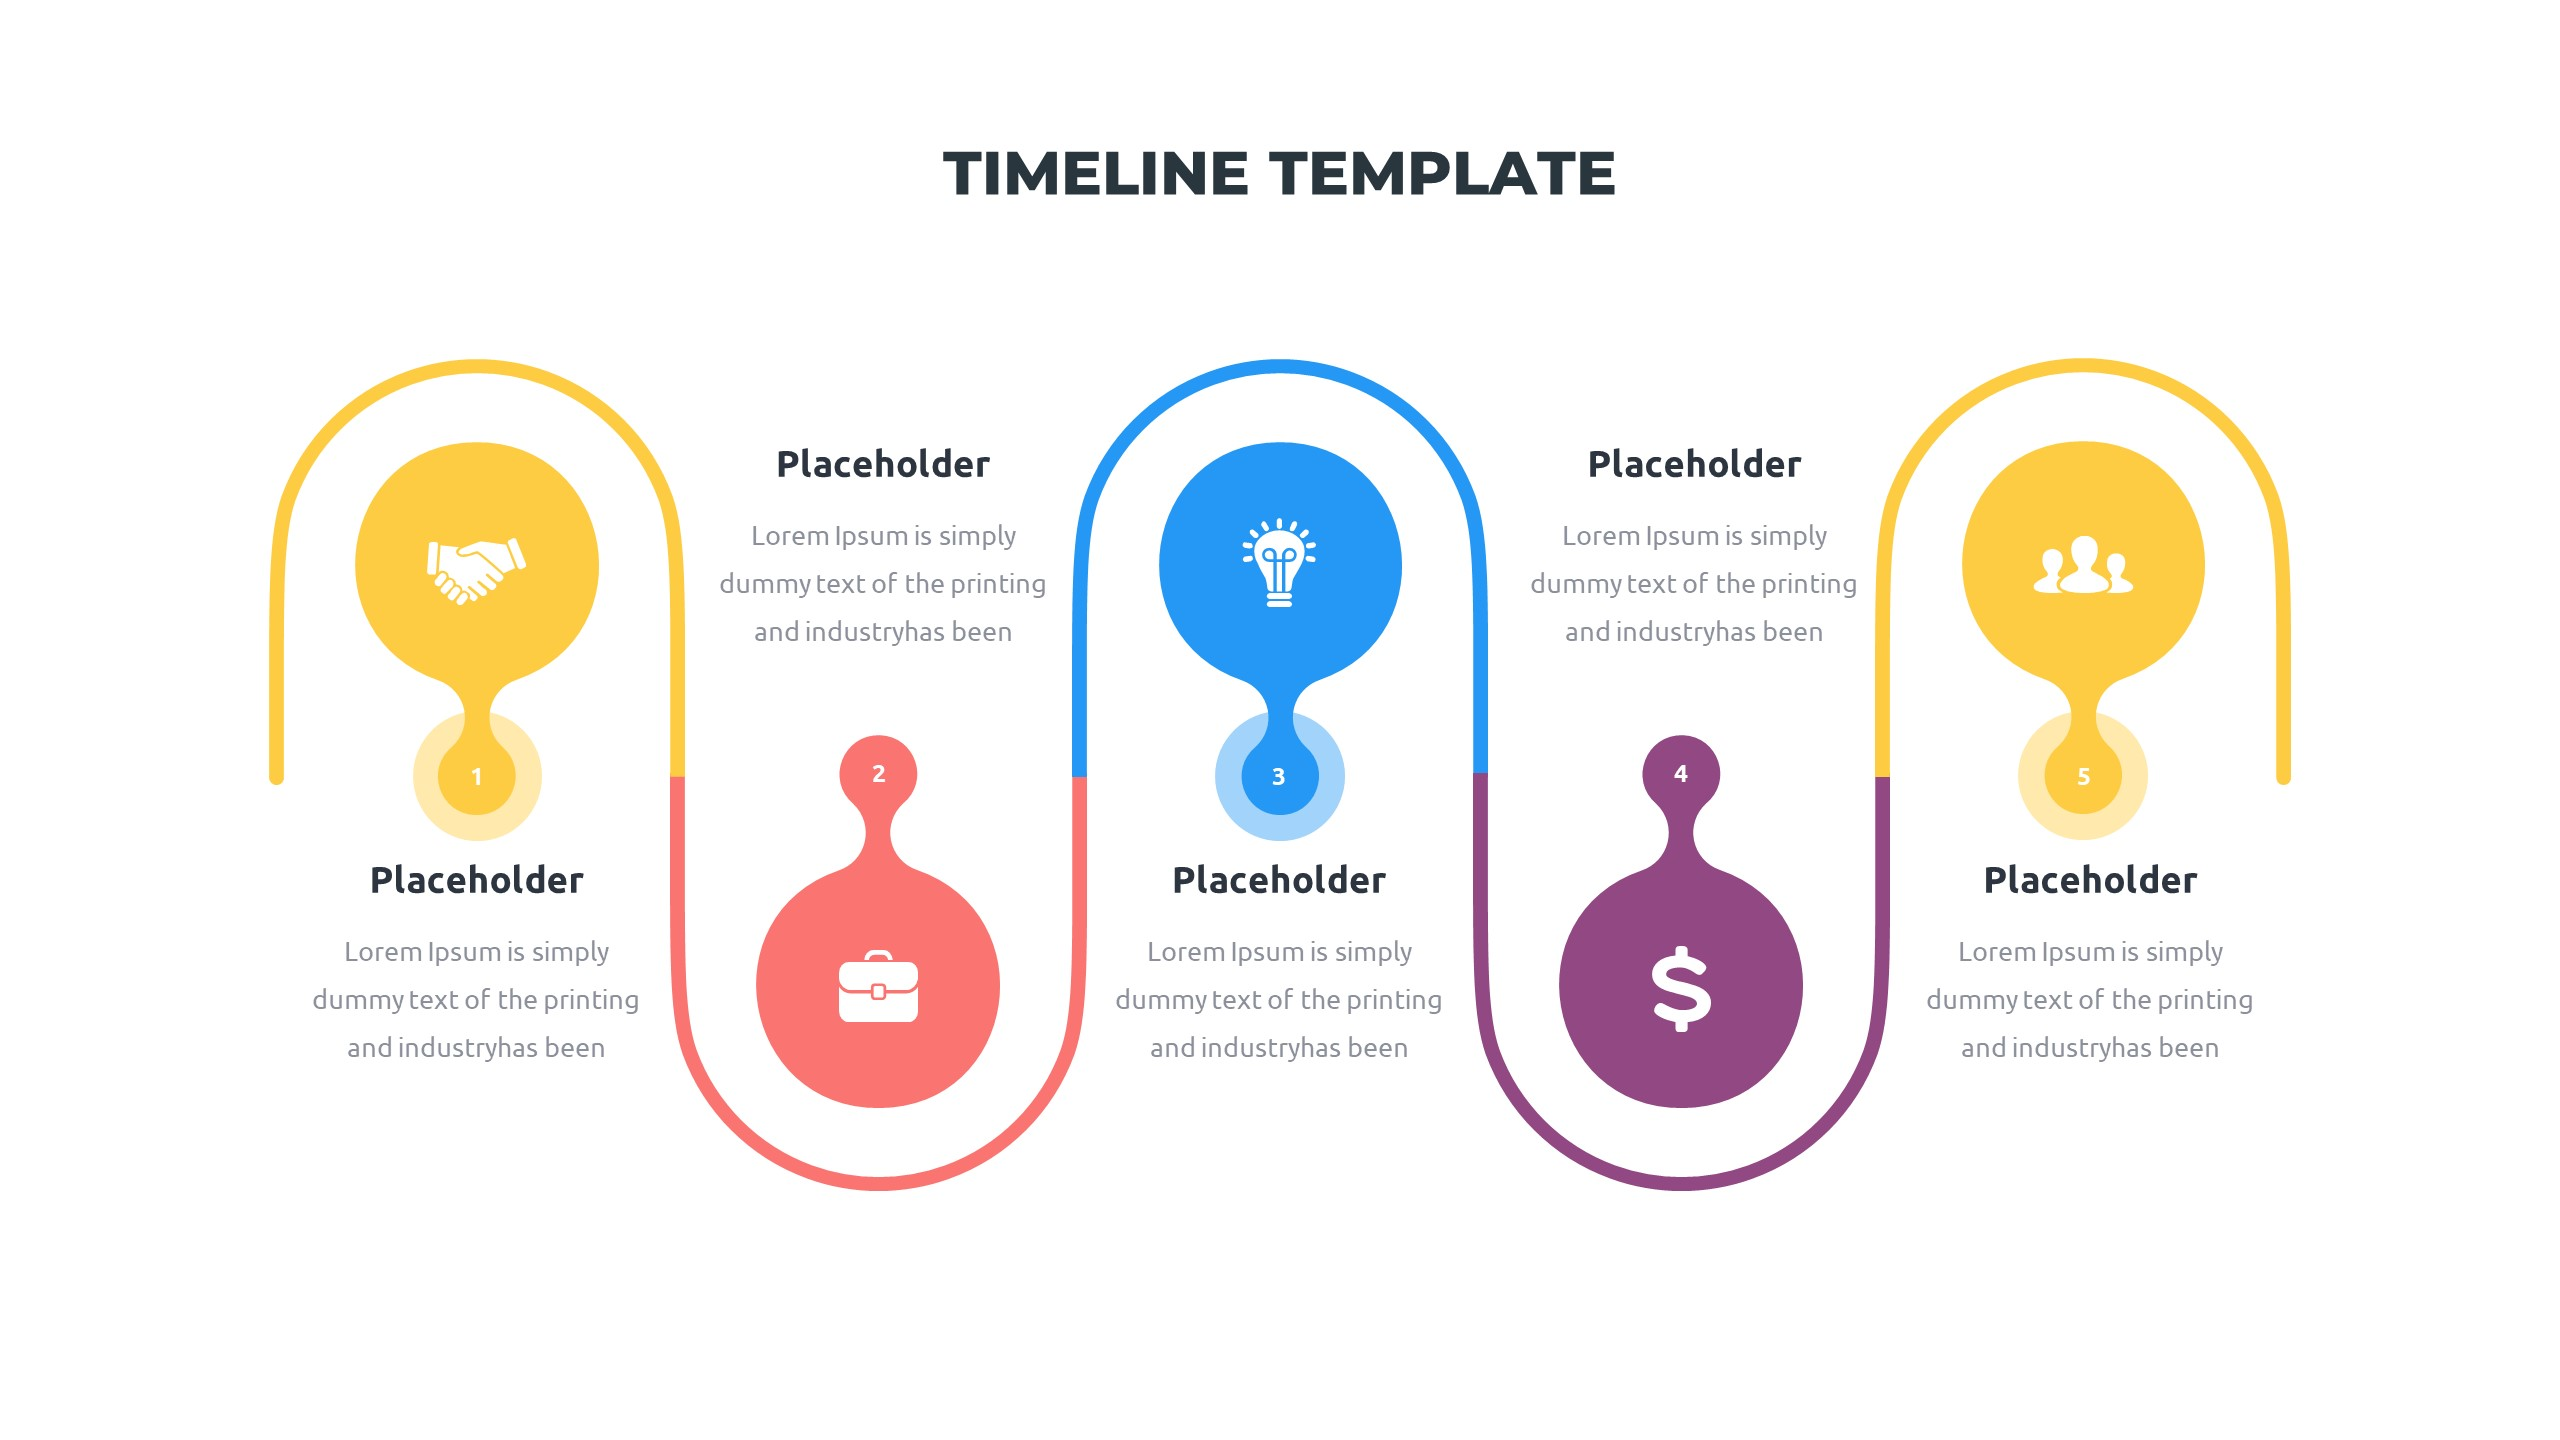 36 Timeline Presentation Templates: Powerpoint, Google Slides, Keynote - Slide19